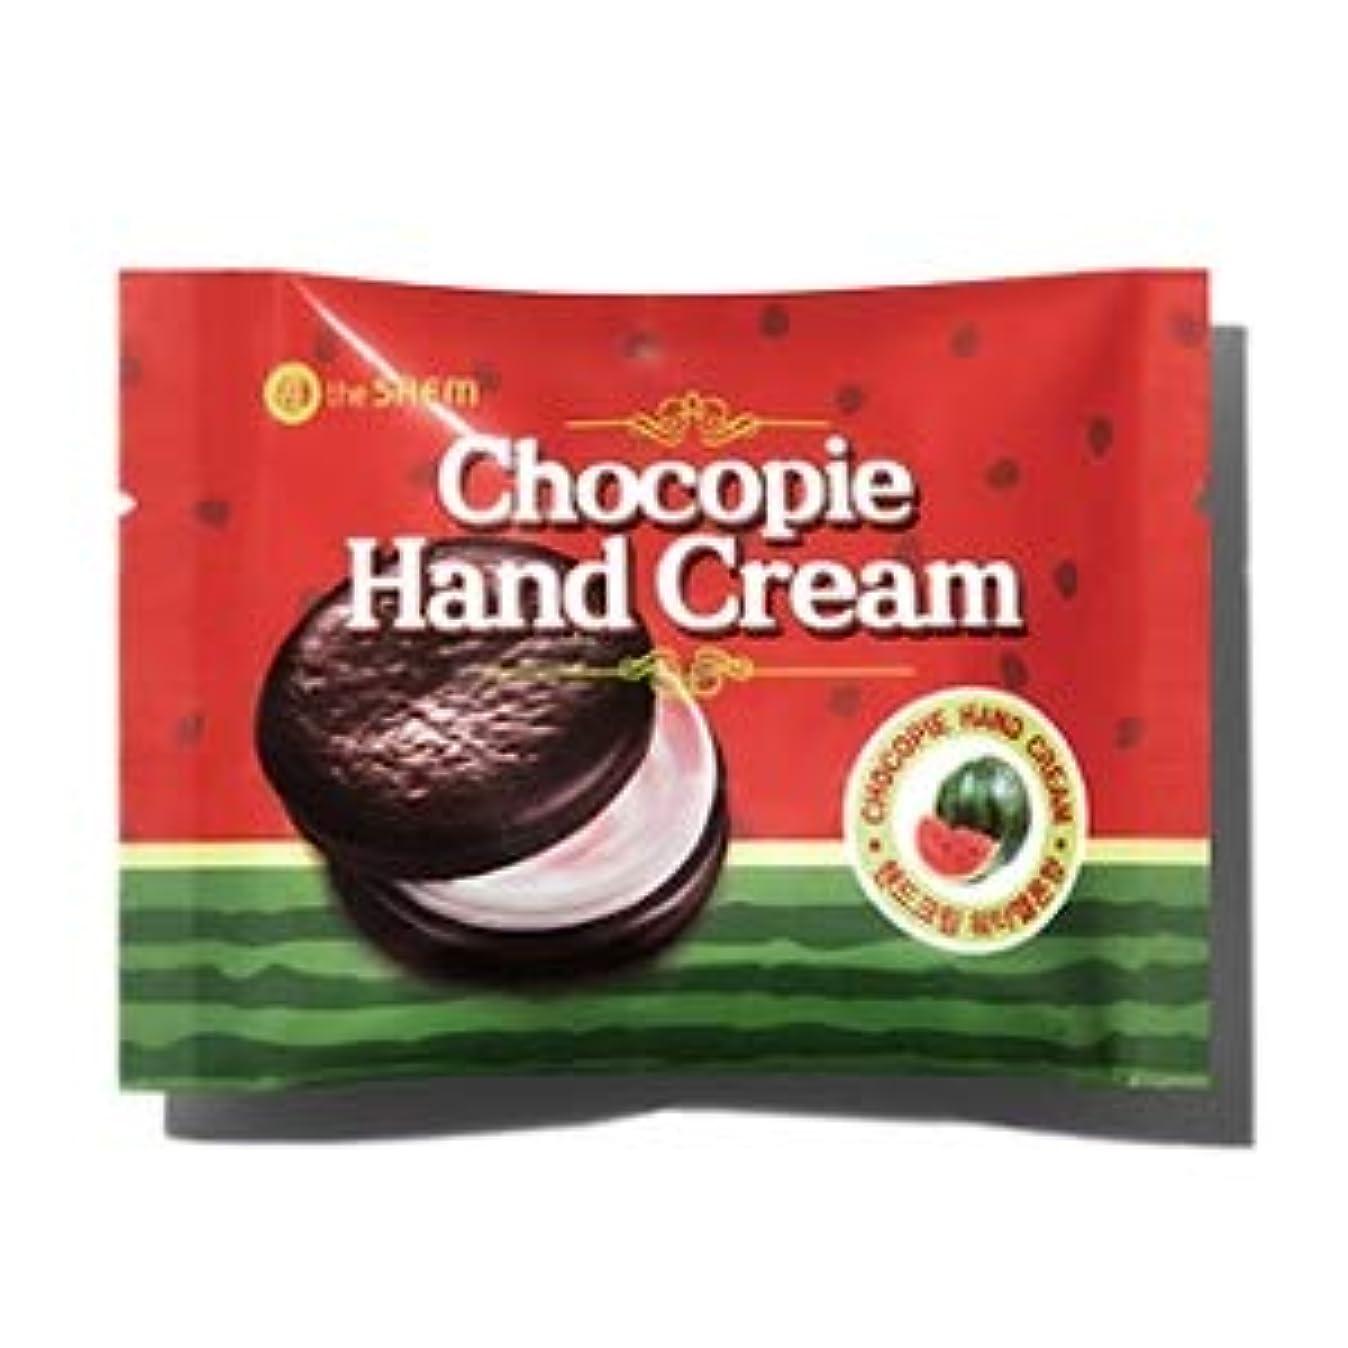 沼地農学美容師ザセム チョコパイハンドクリーム - スイカ 35ml / The Saem Chocopie Hand Cream -Watermelon 35ml [並行輸入品]